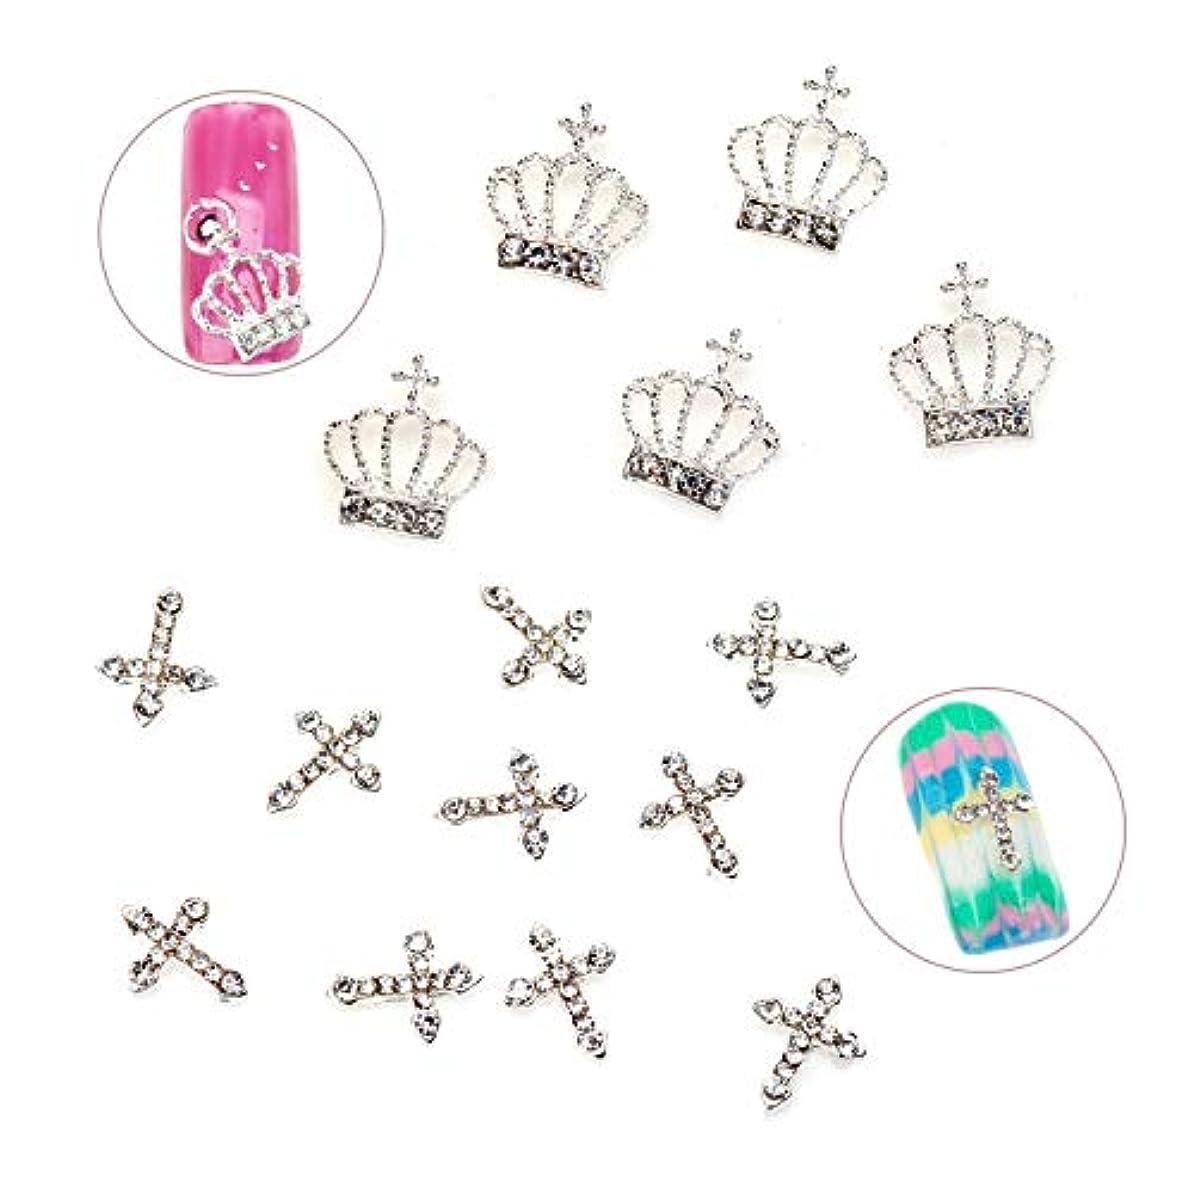 ゲーム方法衝突するラインストーン/宝石/クリスタル/宝石と王冠と十字架を含む15個の品質の金属3D装飾のユニークなプロのネイルアートセット